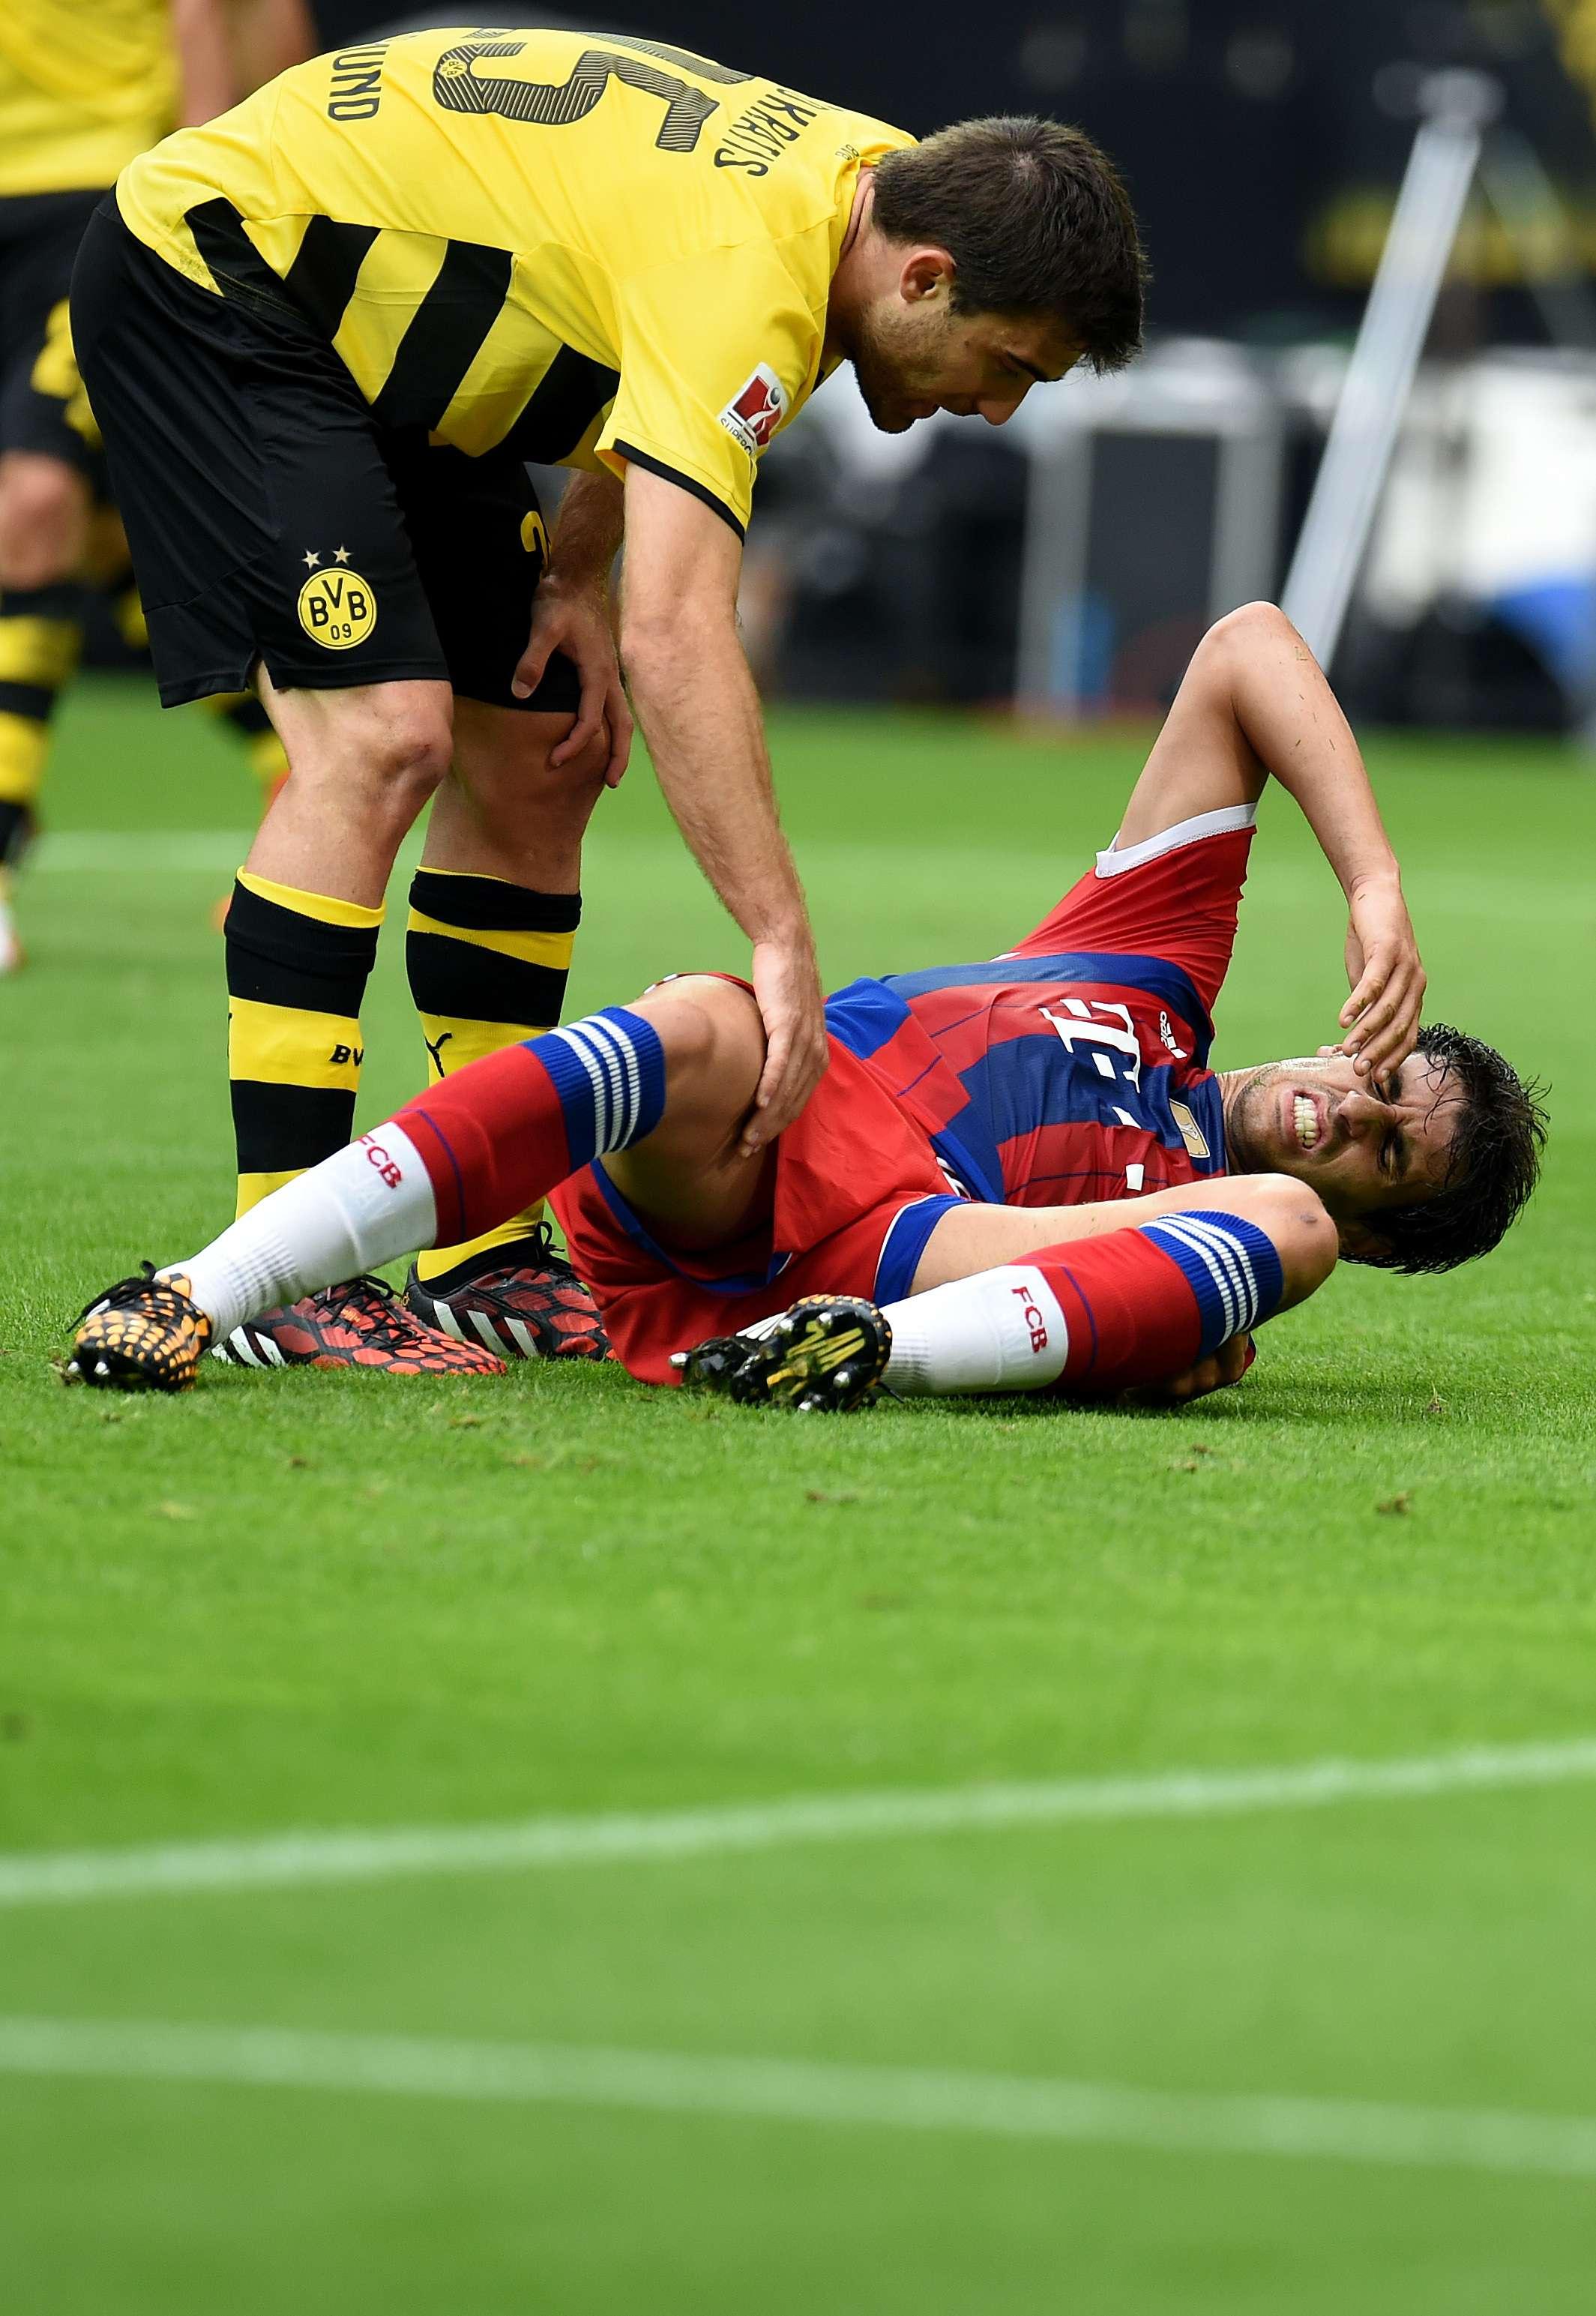 Bayern confirma baja de Javi Martínez por lesión de rodilla